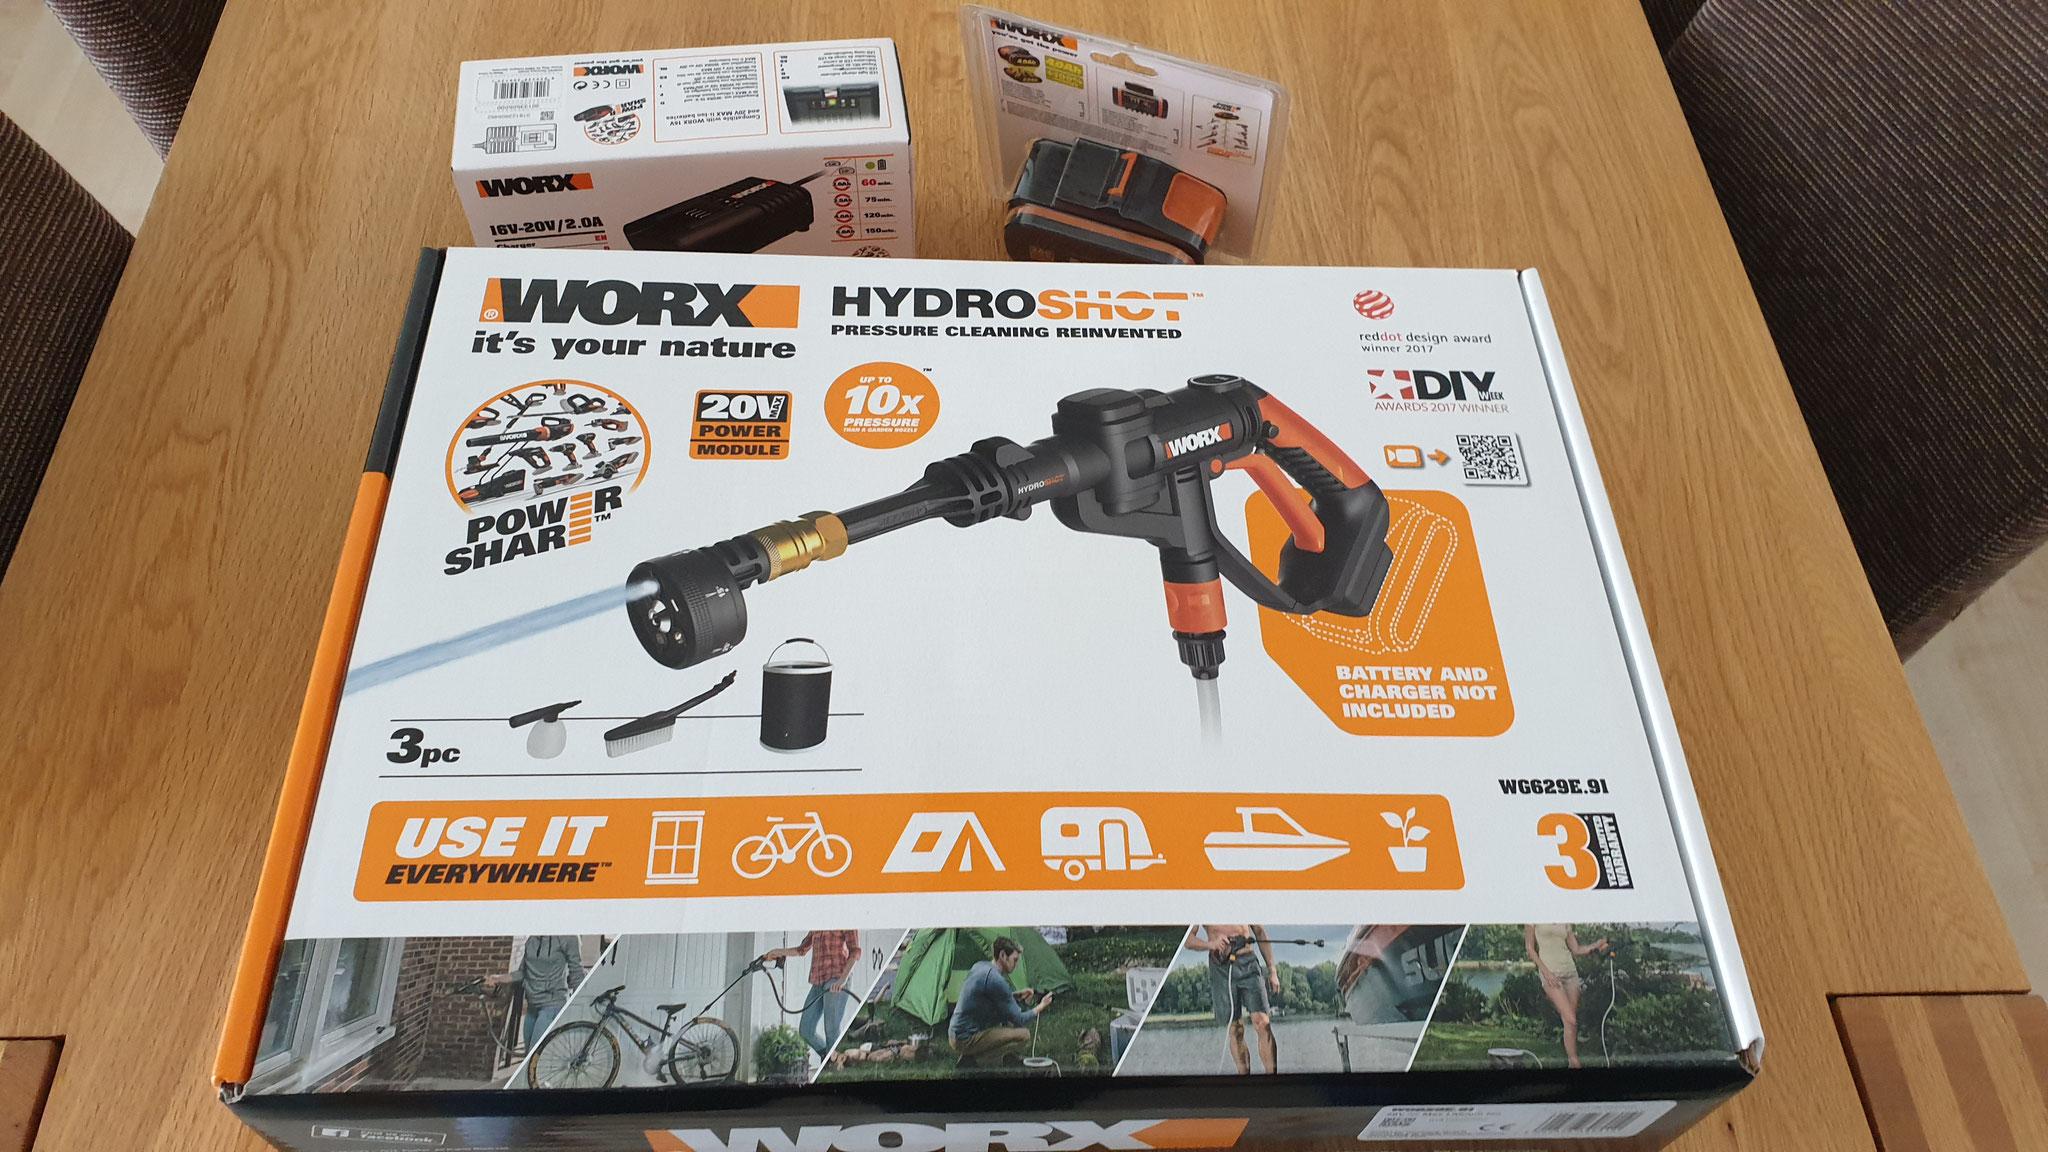 Hier ist unser neuer HydroShot